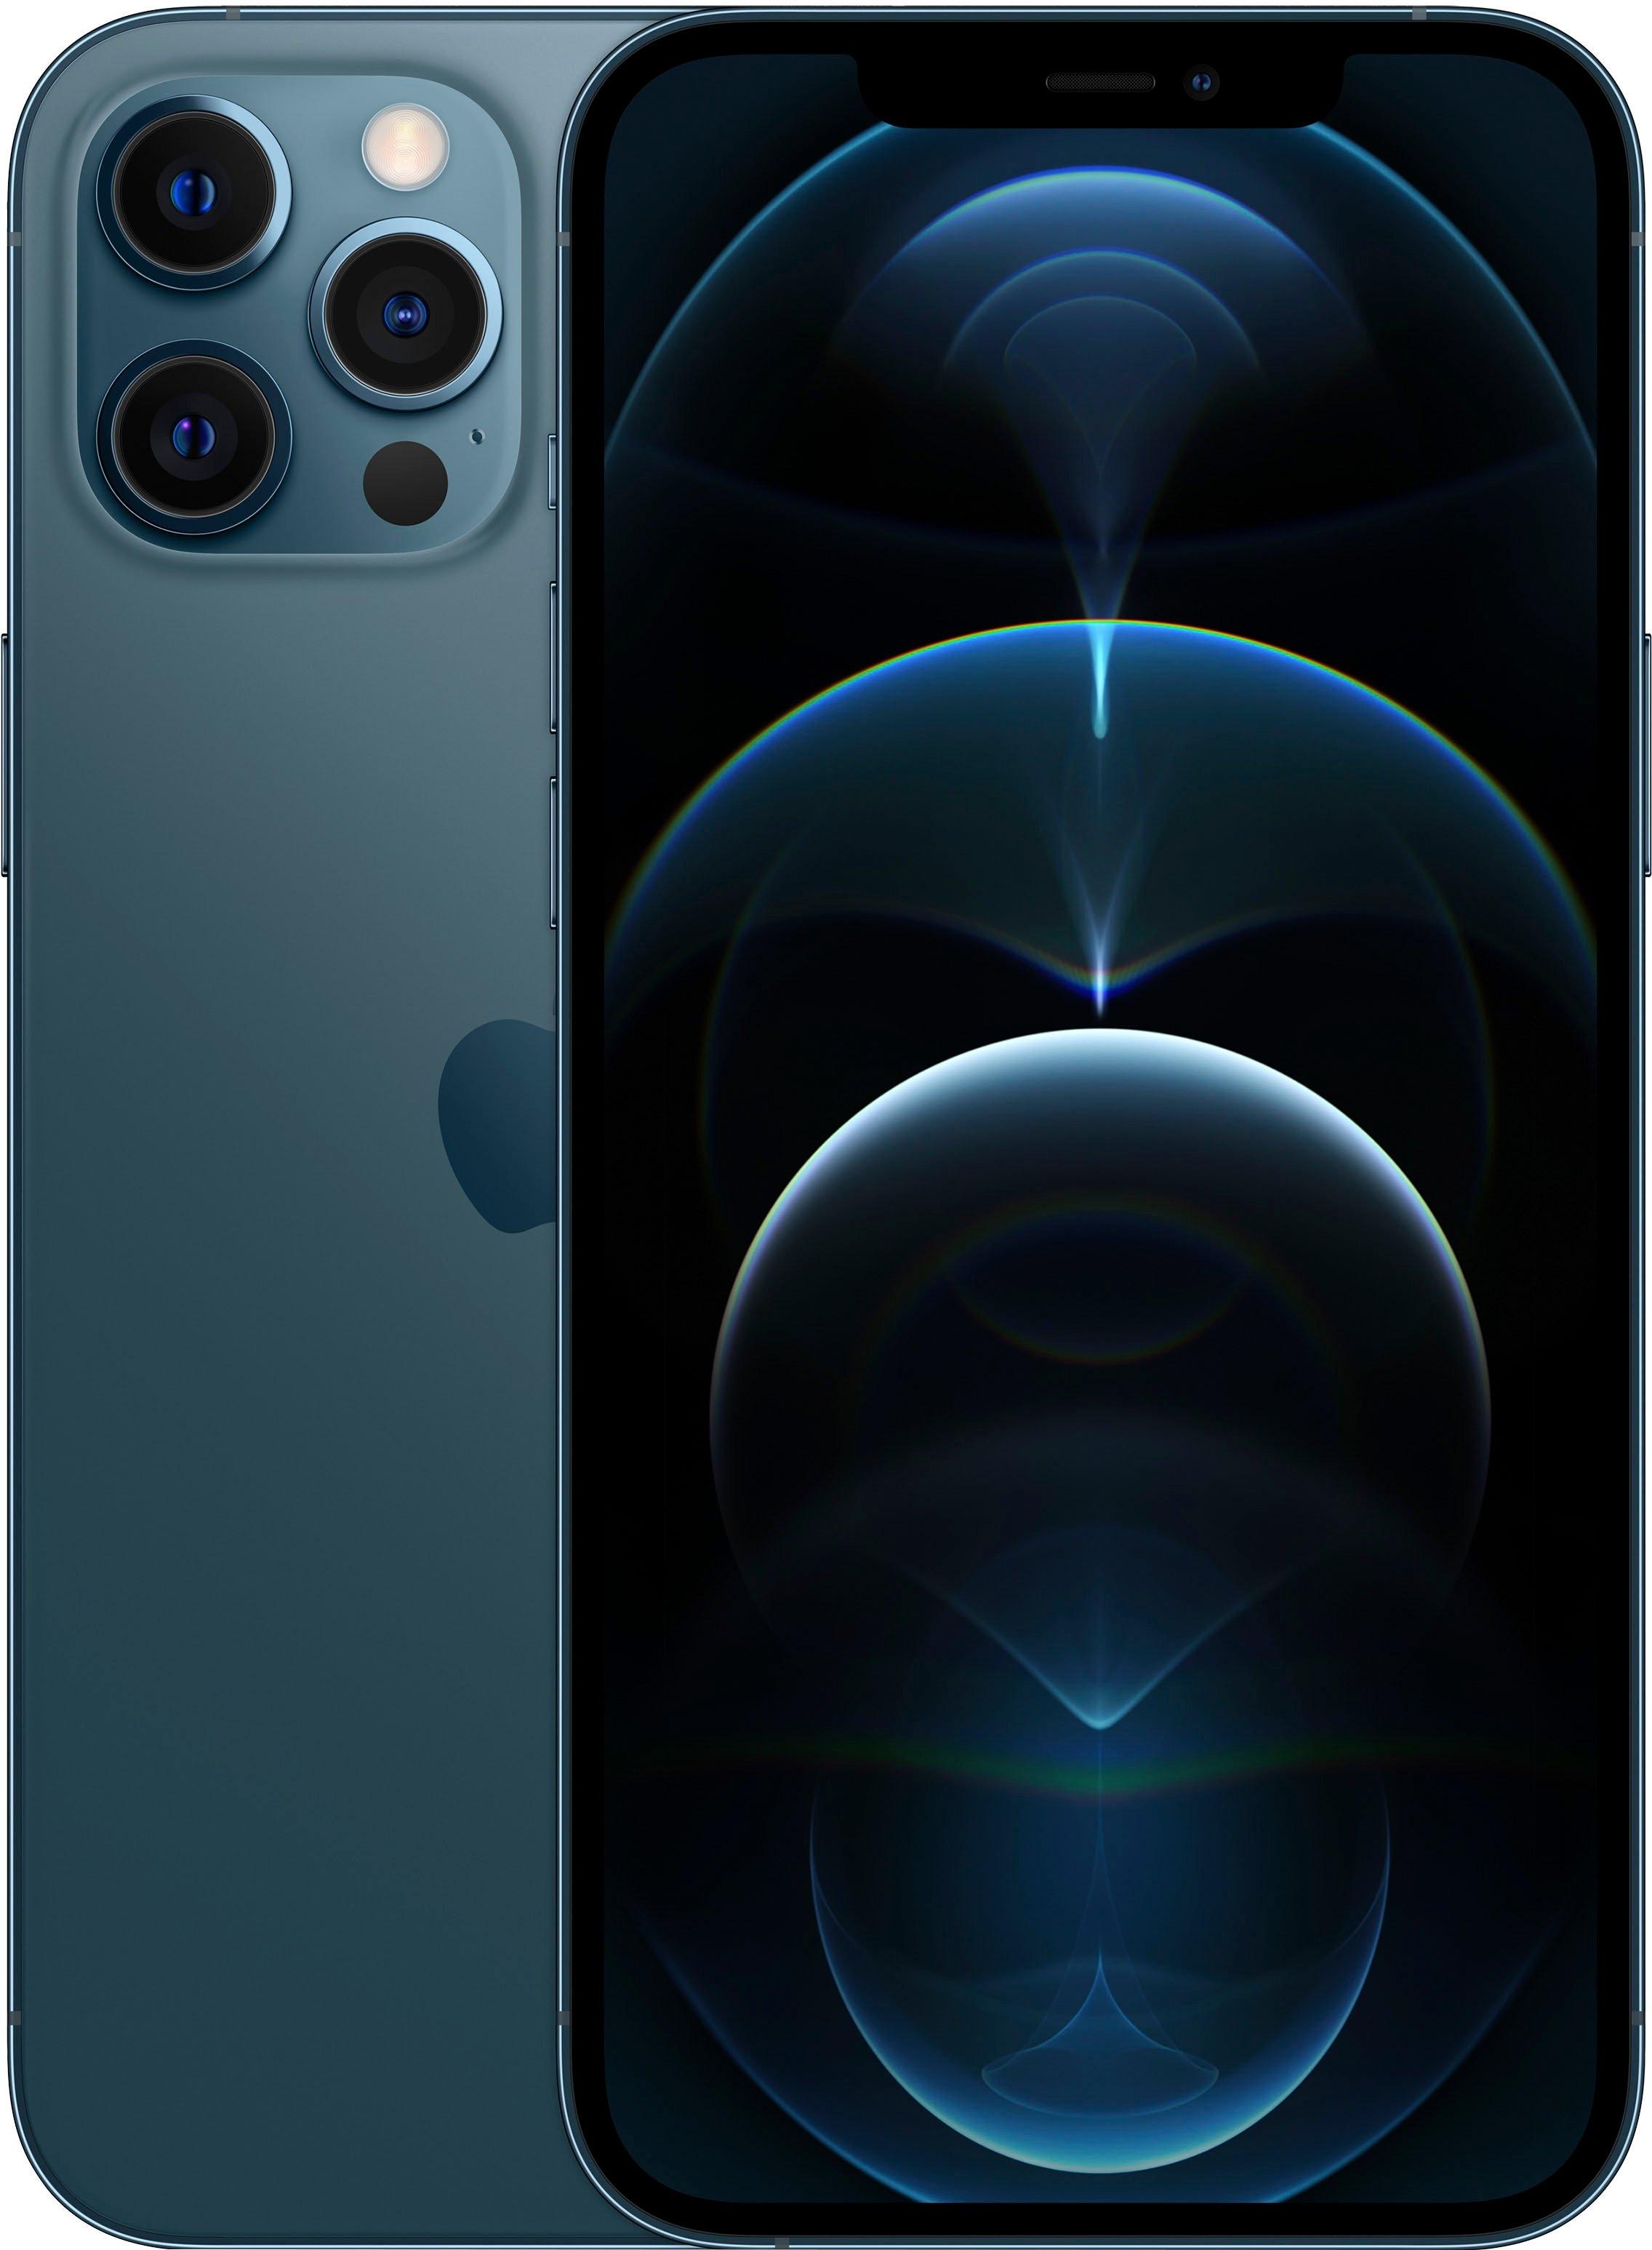 Apple smartphone IPhone 12 Pro Max - 256GB, 256 GB, zonder stroom-adapter en hoofdtelefoon, compatibel met airpods, airpods pro, earpods hoofdtelefoon nu online bestellen